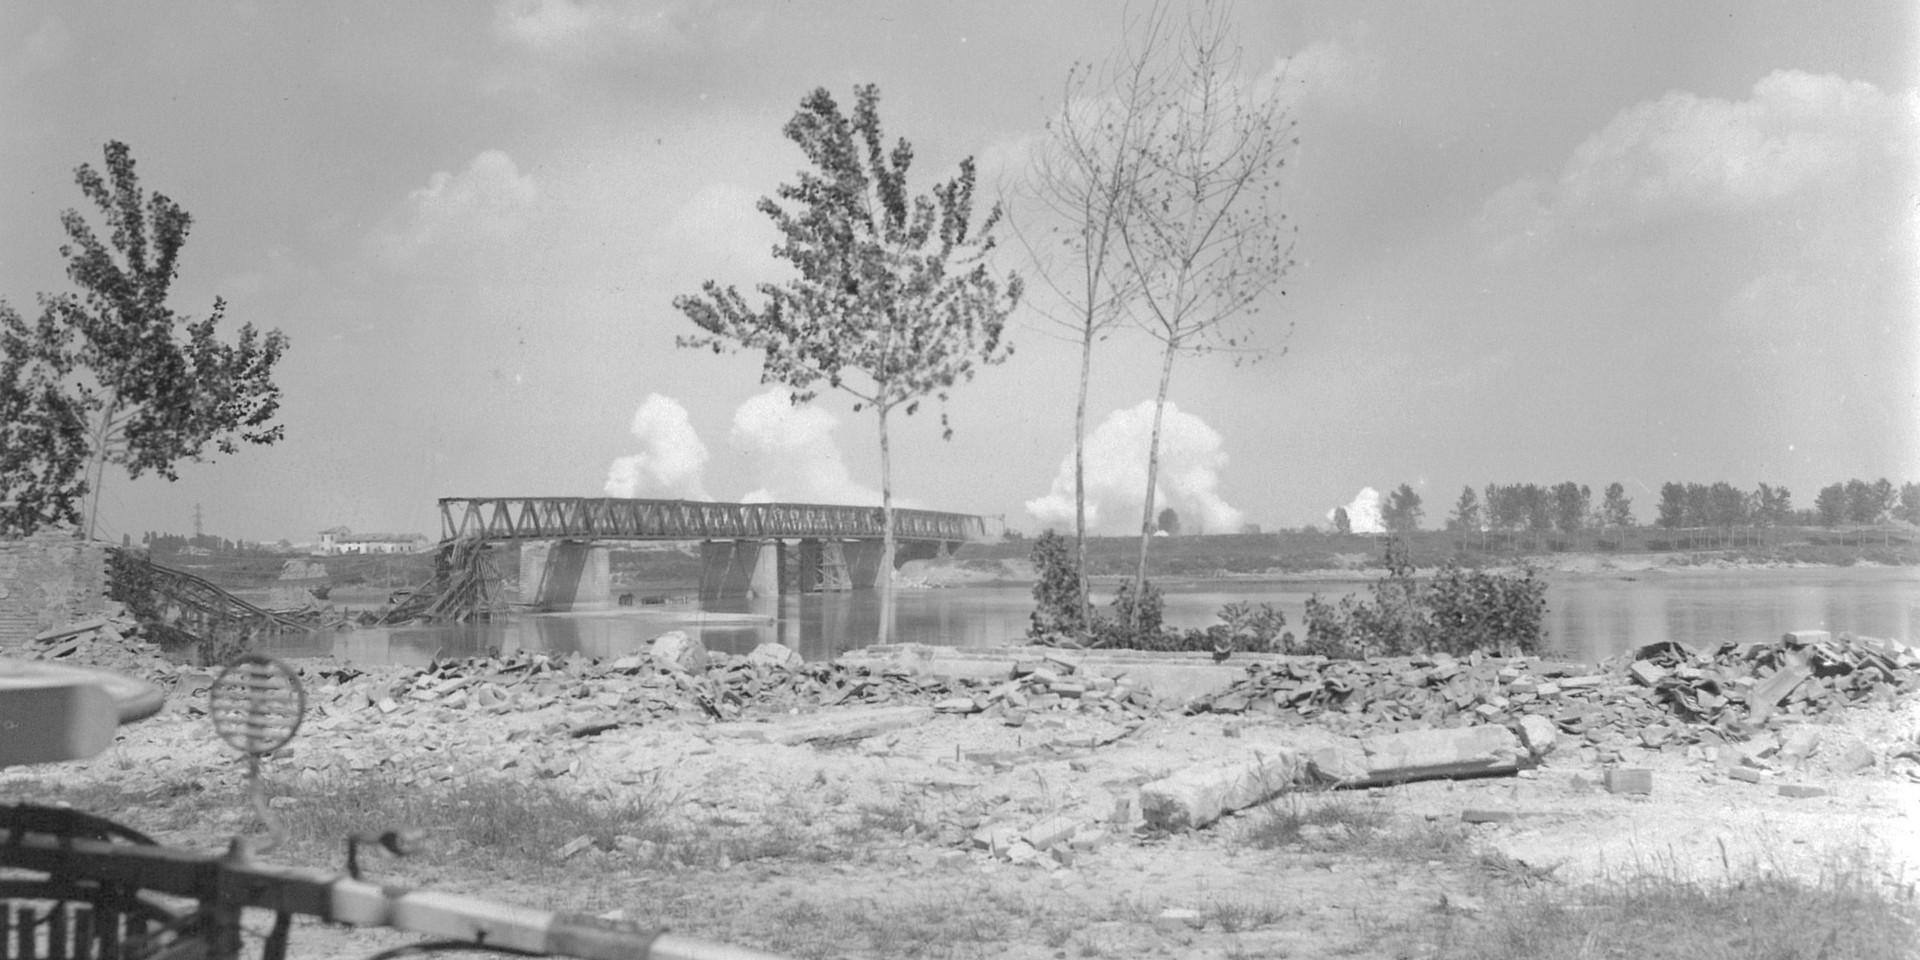 24 April 1945 - Po River